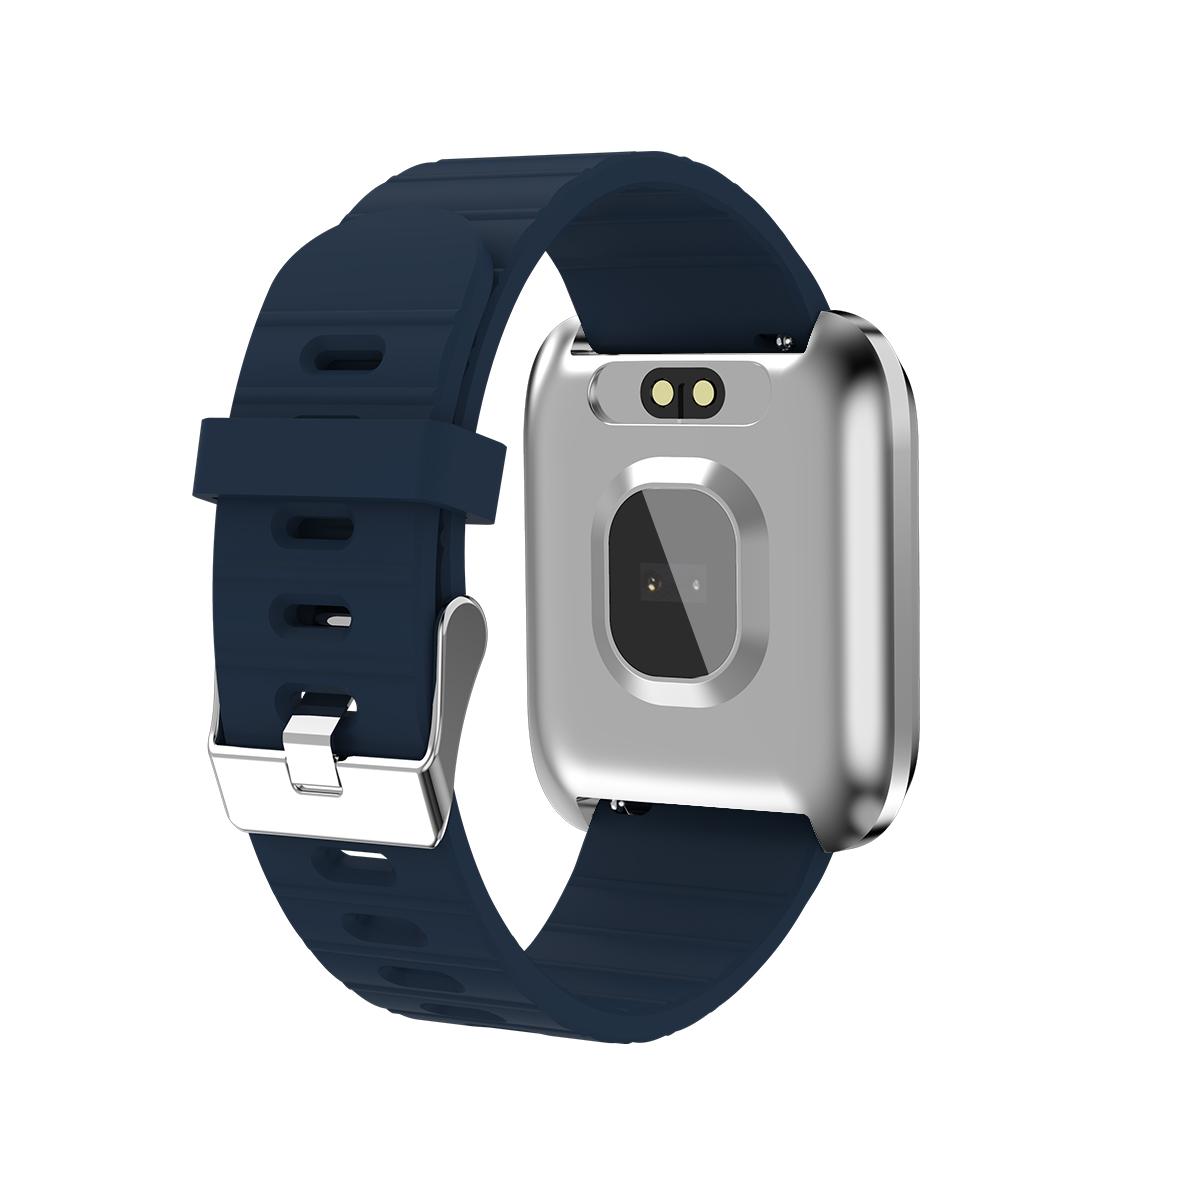 Smartwatch Bluetooth Armbanduhr Herzfrequenzmessung..